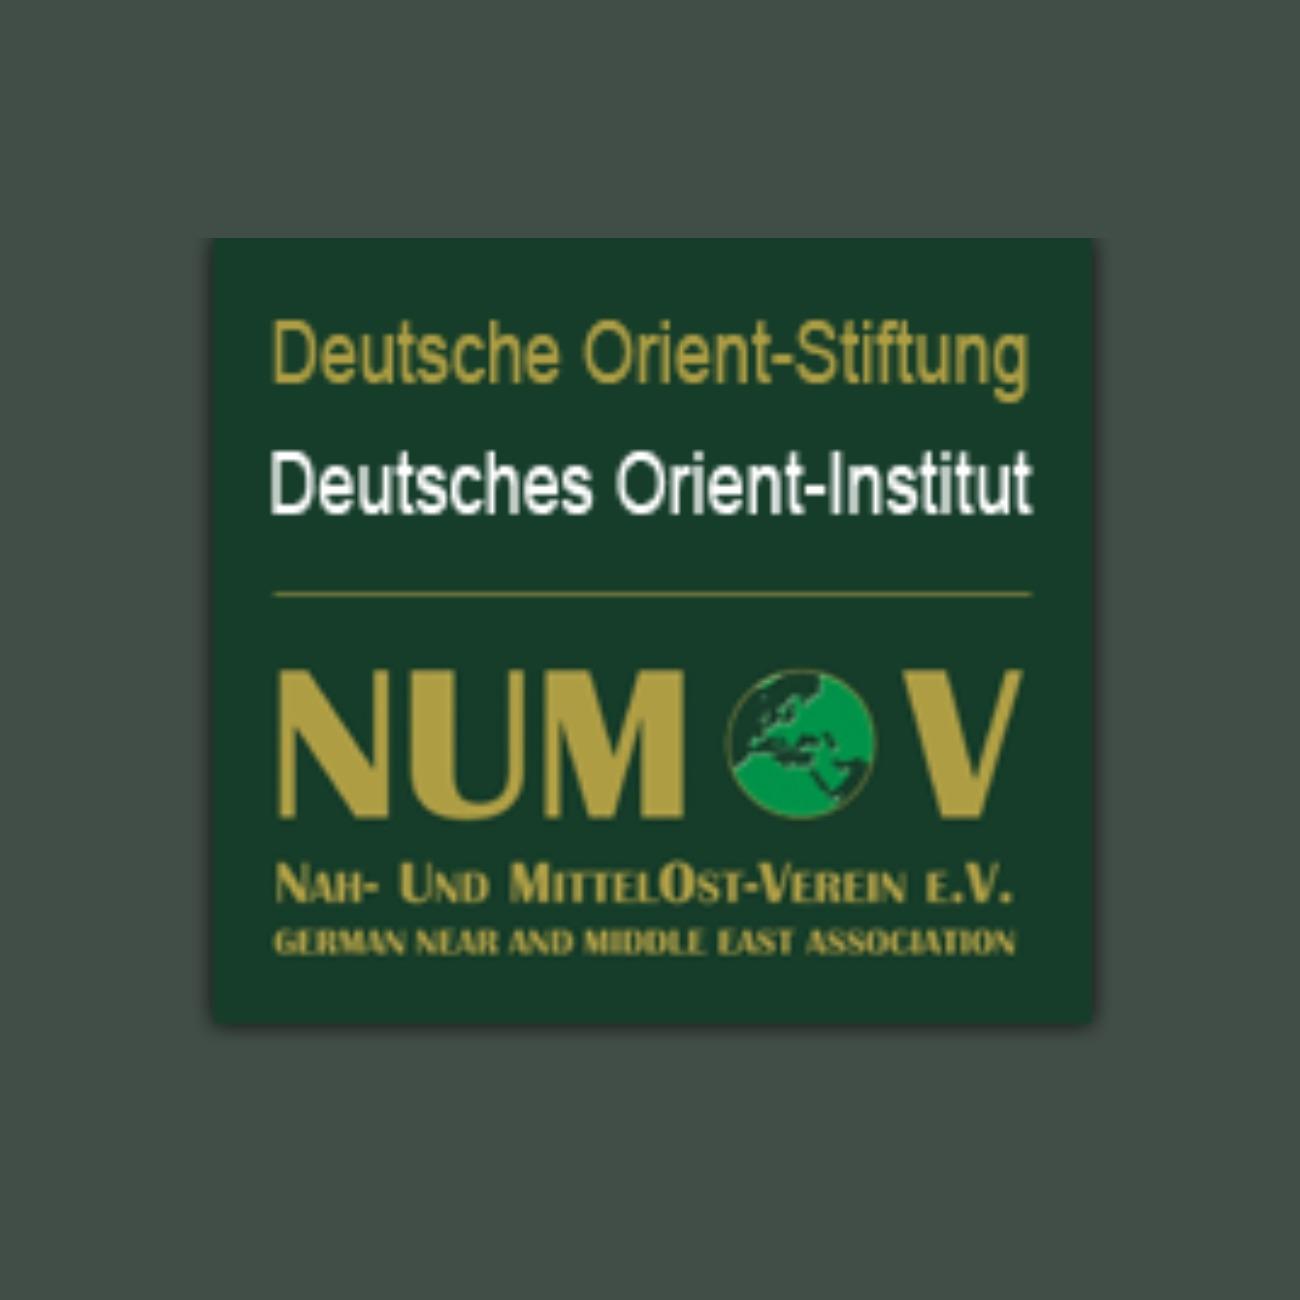 deutsches orient institut logo